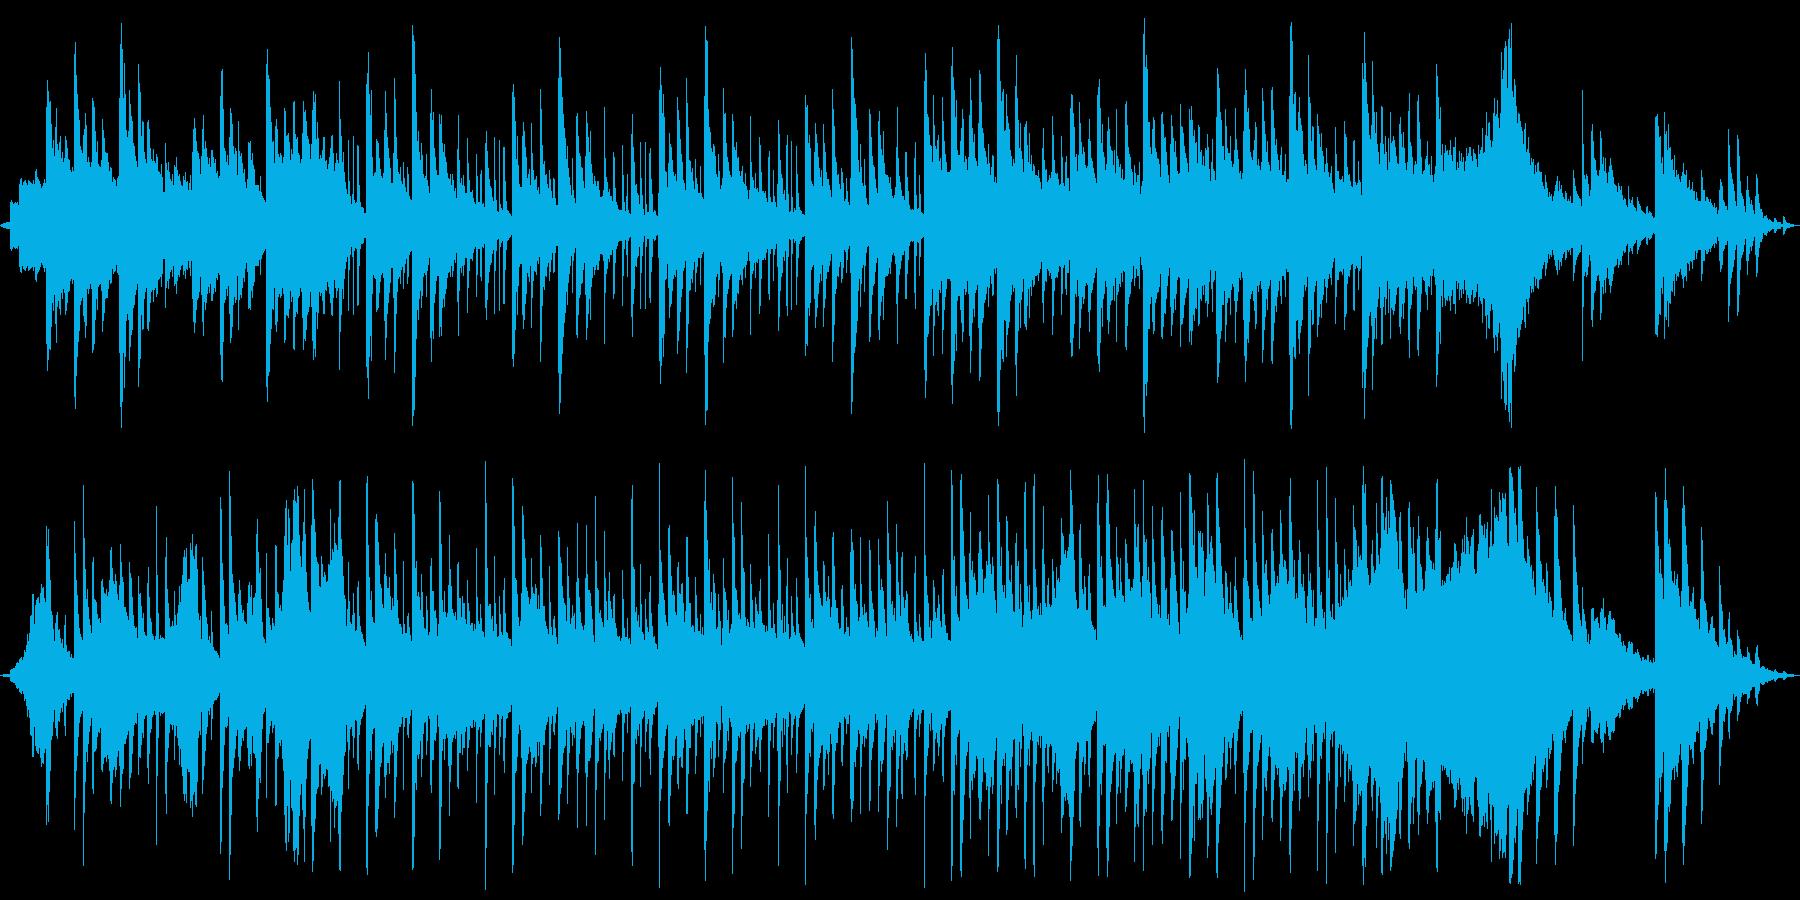 ピアノを使った和風で華やかなインストの再生済みの波形